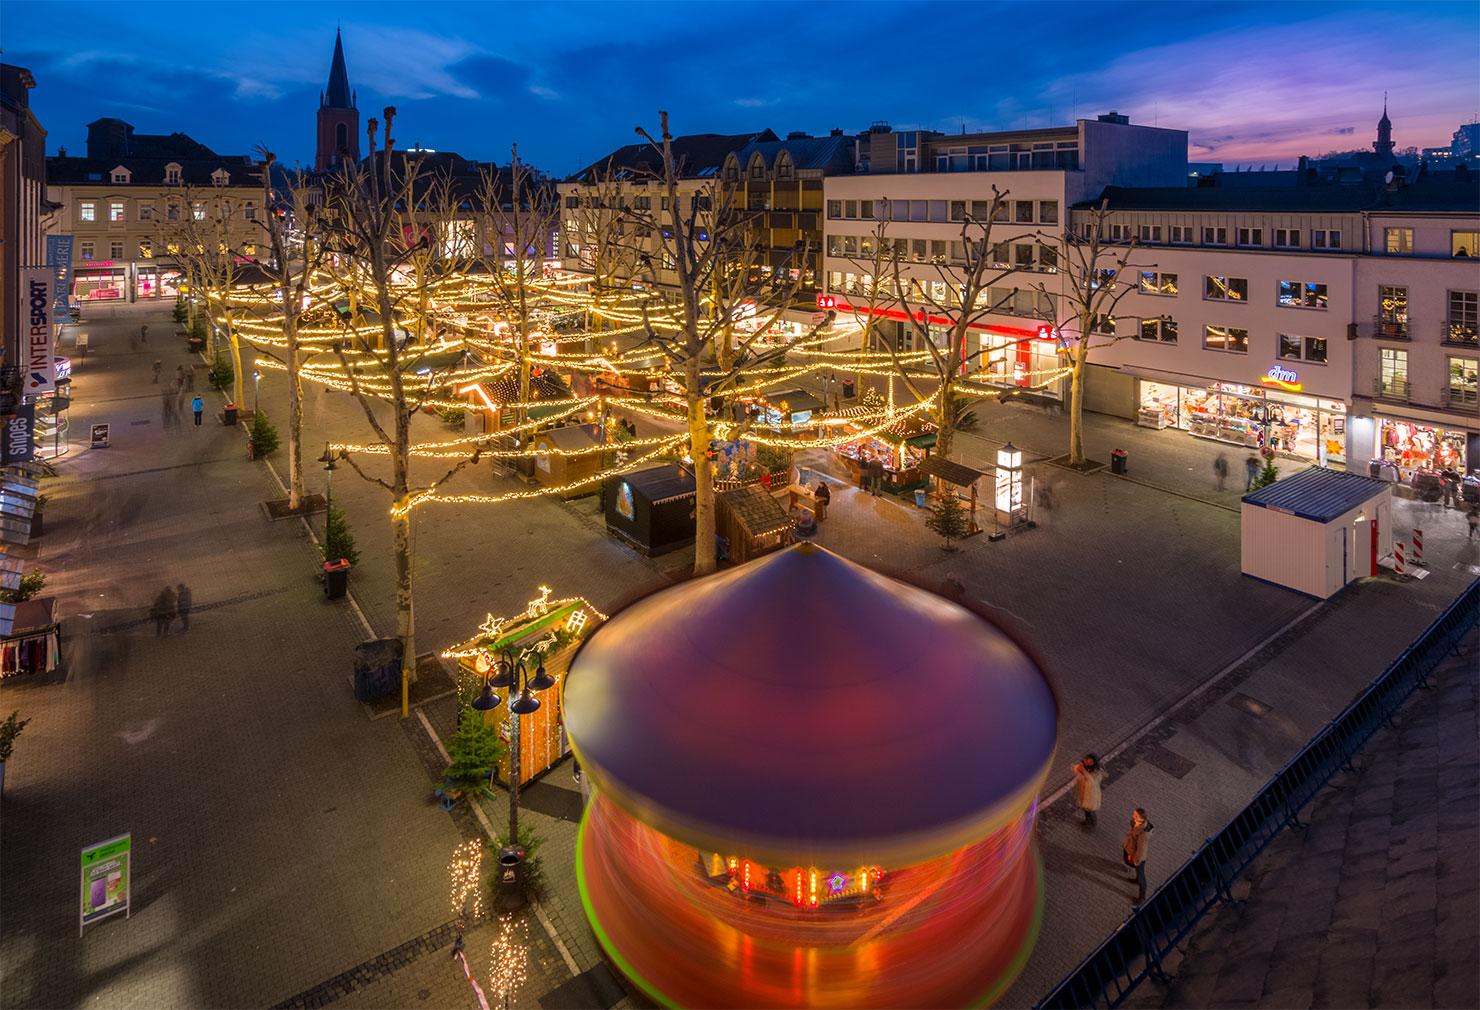 Limburg Neumarkt Weihnachtsmarkt